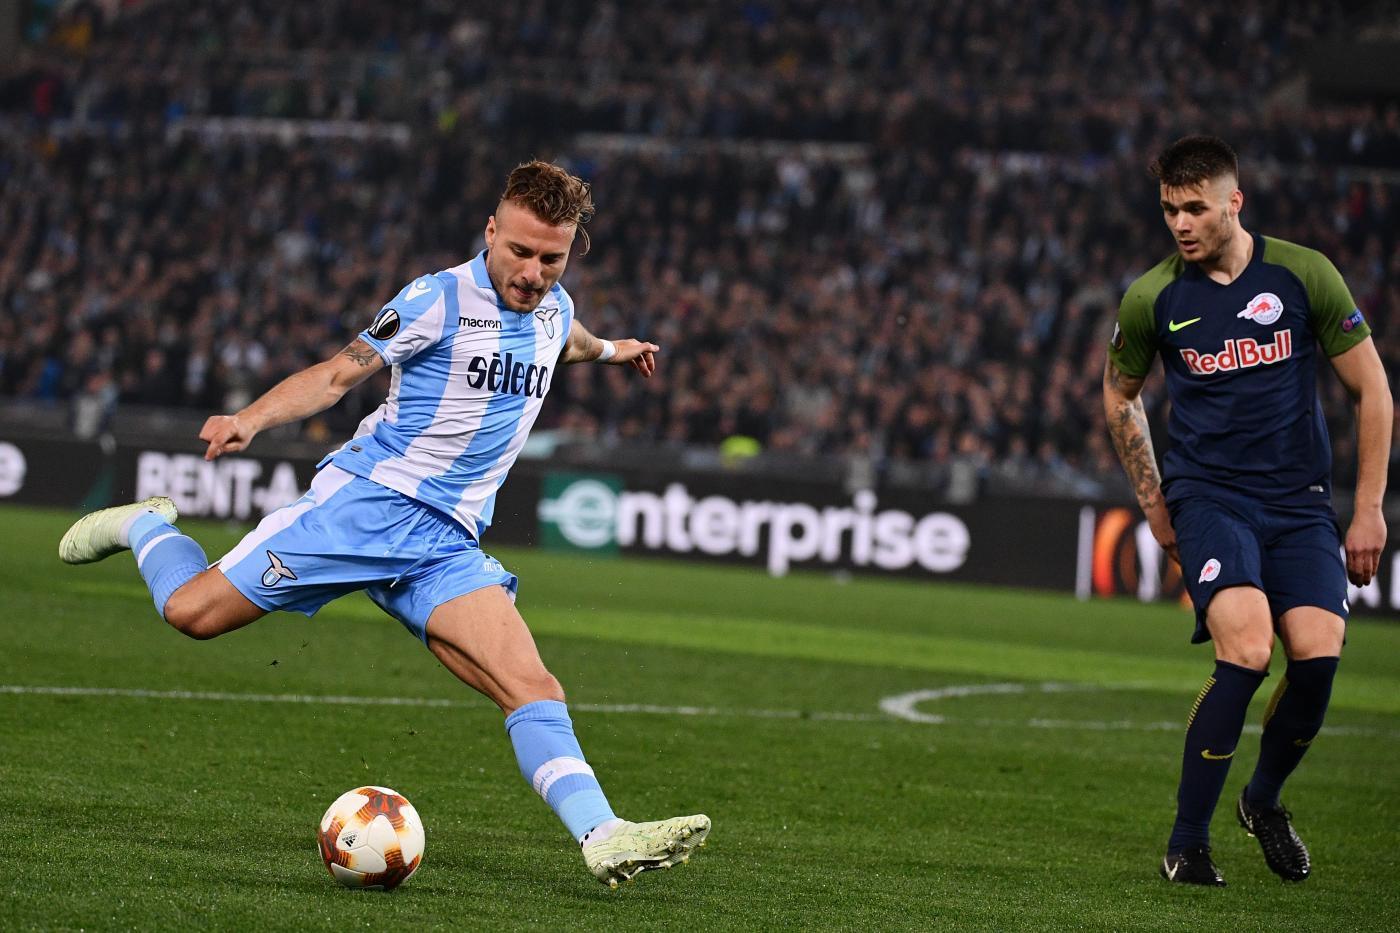 Nell'andata dei quarti d'Europa League, una grande Lazio cala il poker sul Salisburgo e si avvicina alla semifinale. All'Olimpico finisce 4-2 per i biancocelesti, che sbloccano la gara all'8' con Lulic ma poi subiscono il pari di Berisha al 30' (rigore). Parolo trova il nuovo vantaggio di tacco (49') prima del 2-2 di Minamino (71'), ma la squadra di Inzaghi reagisce con forza e chiude i conti con F. Anderson (74') e Immobile (76').